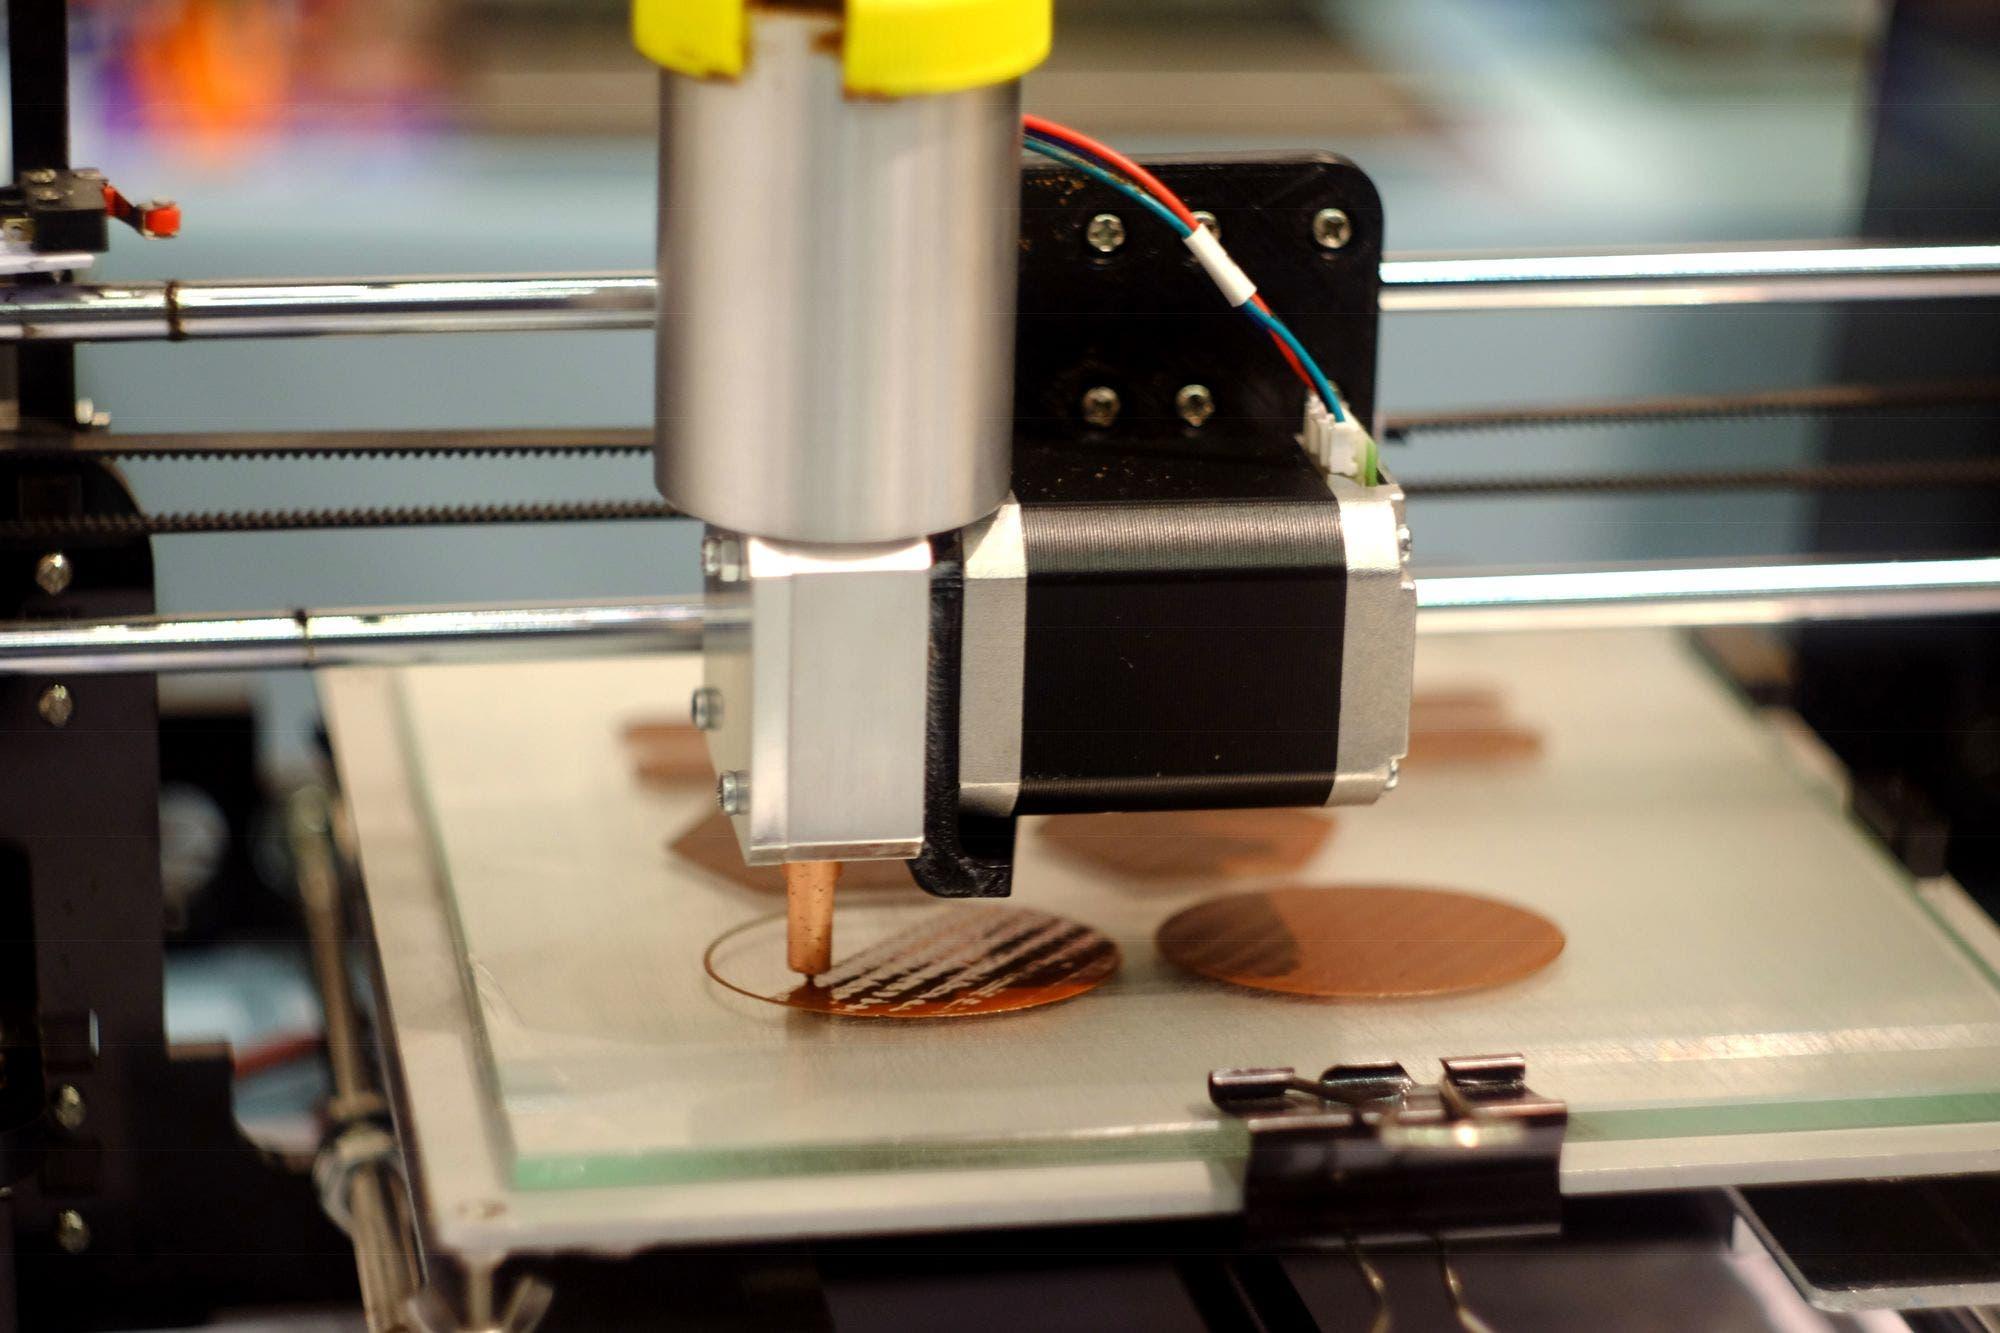 Muestran cómo una impresora 3D puede crear nutracéuticos, alimentos con propiedades medicinales